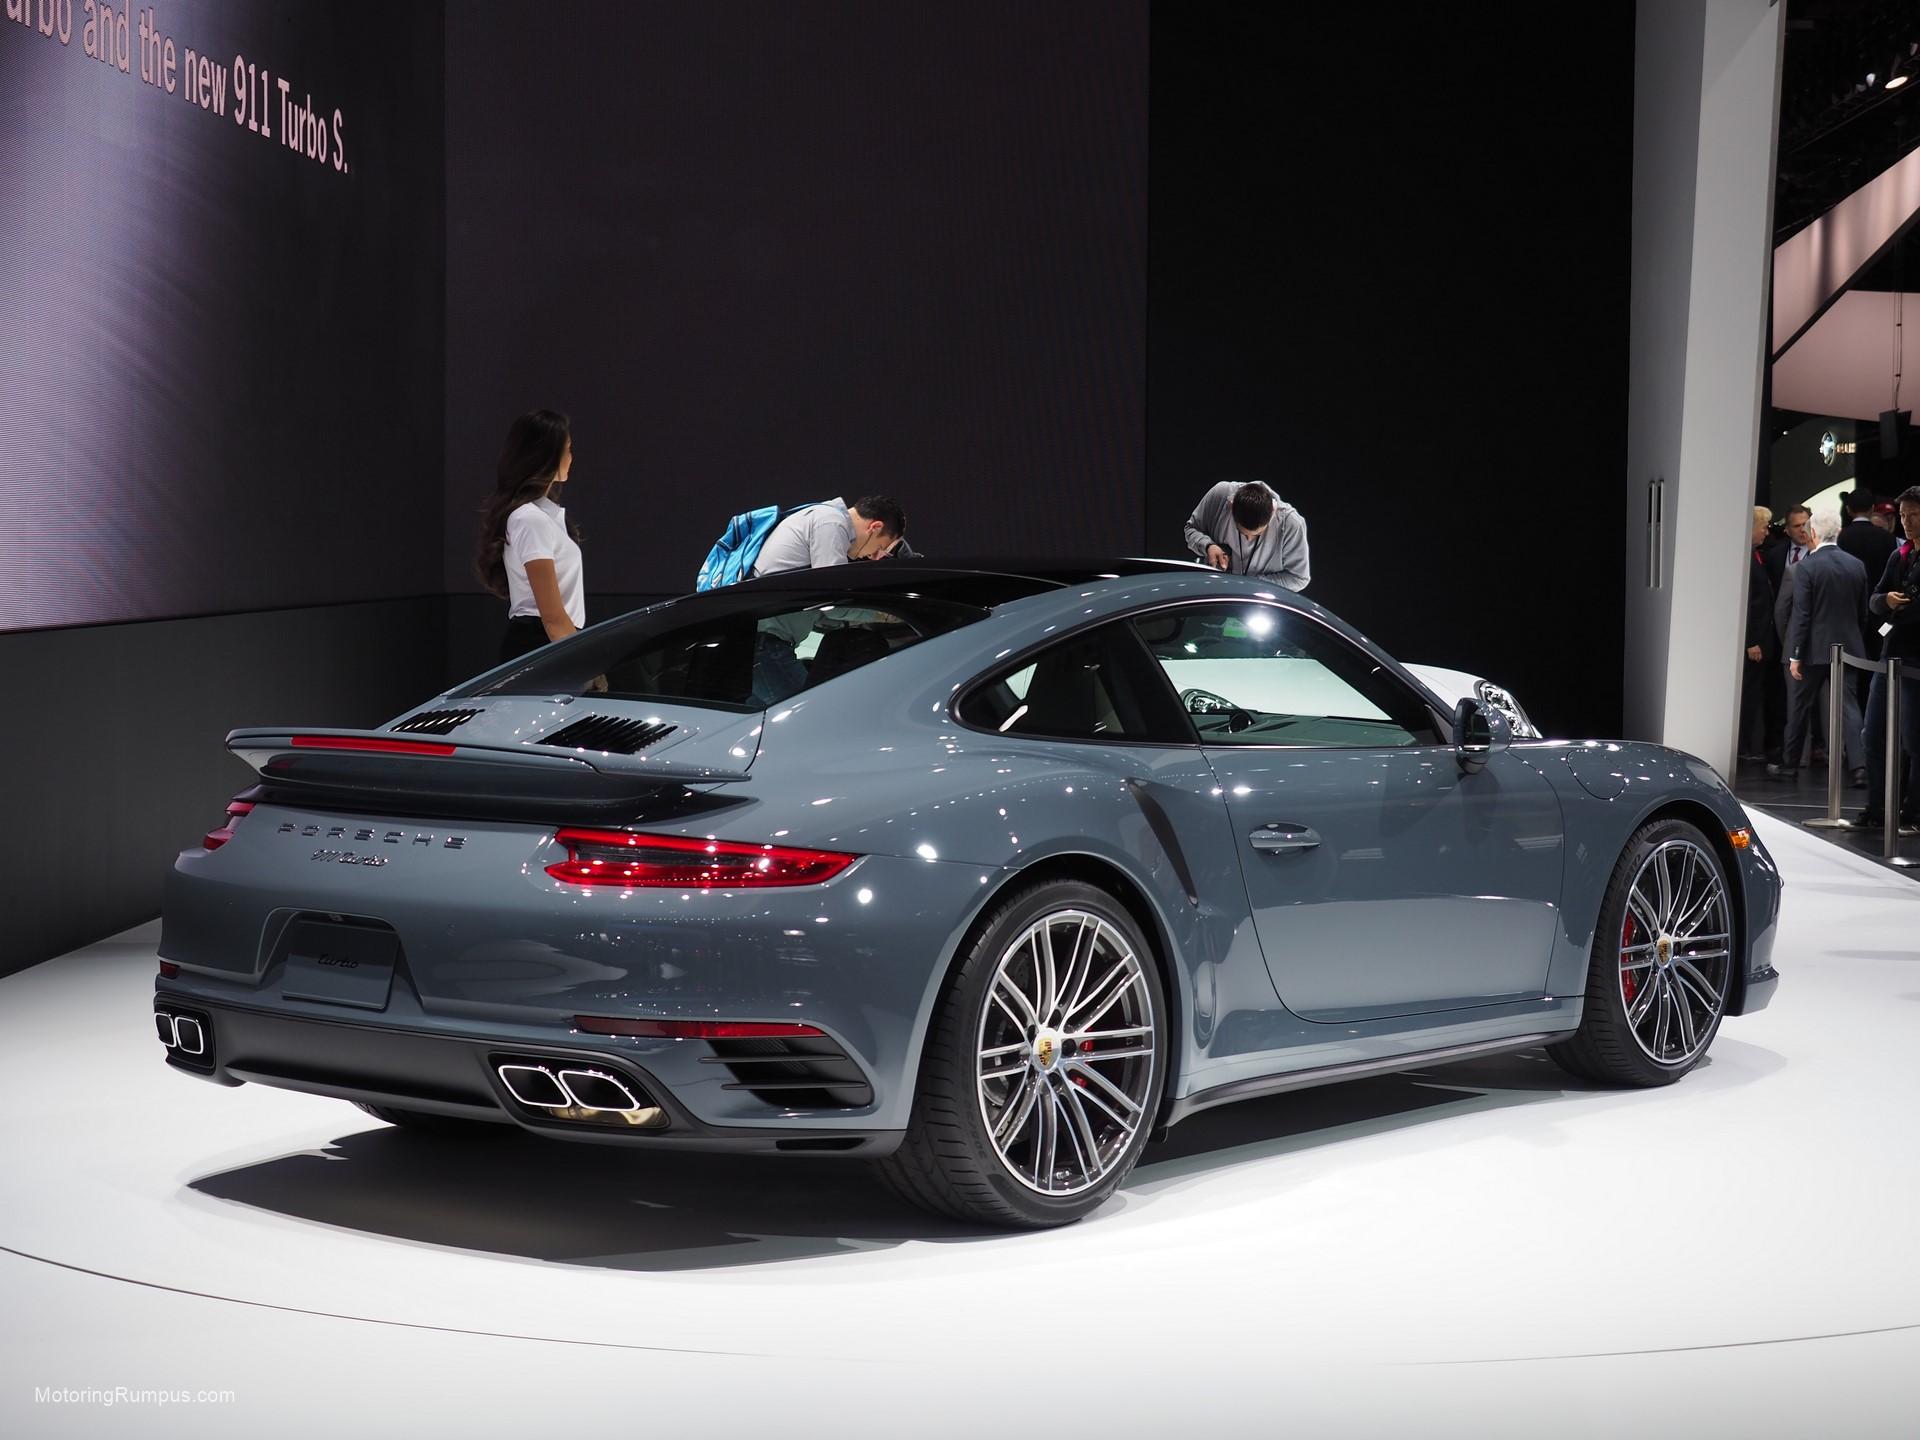 Naias 2016 Porsche Motoring Rumpus